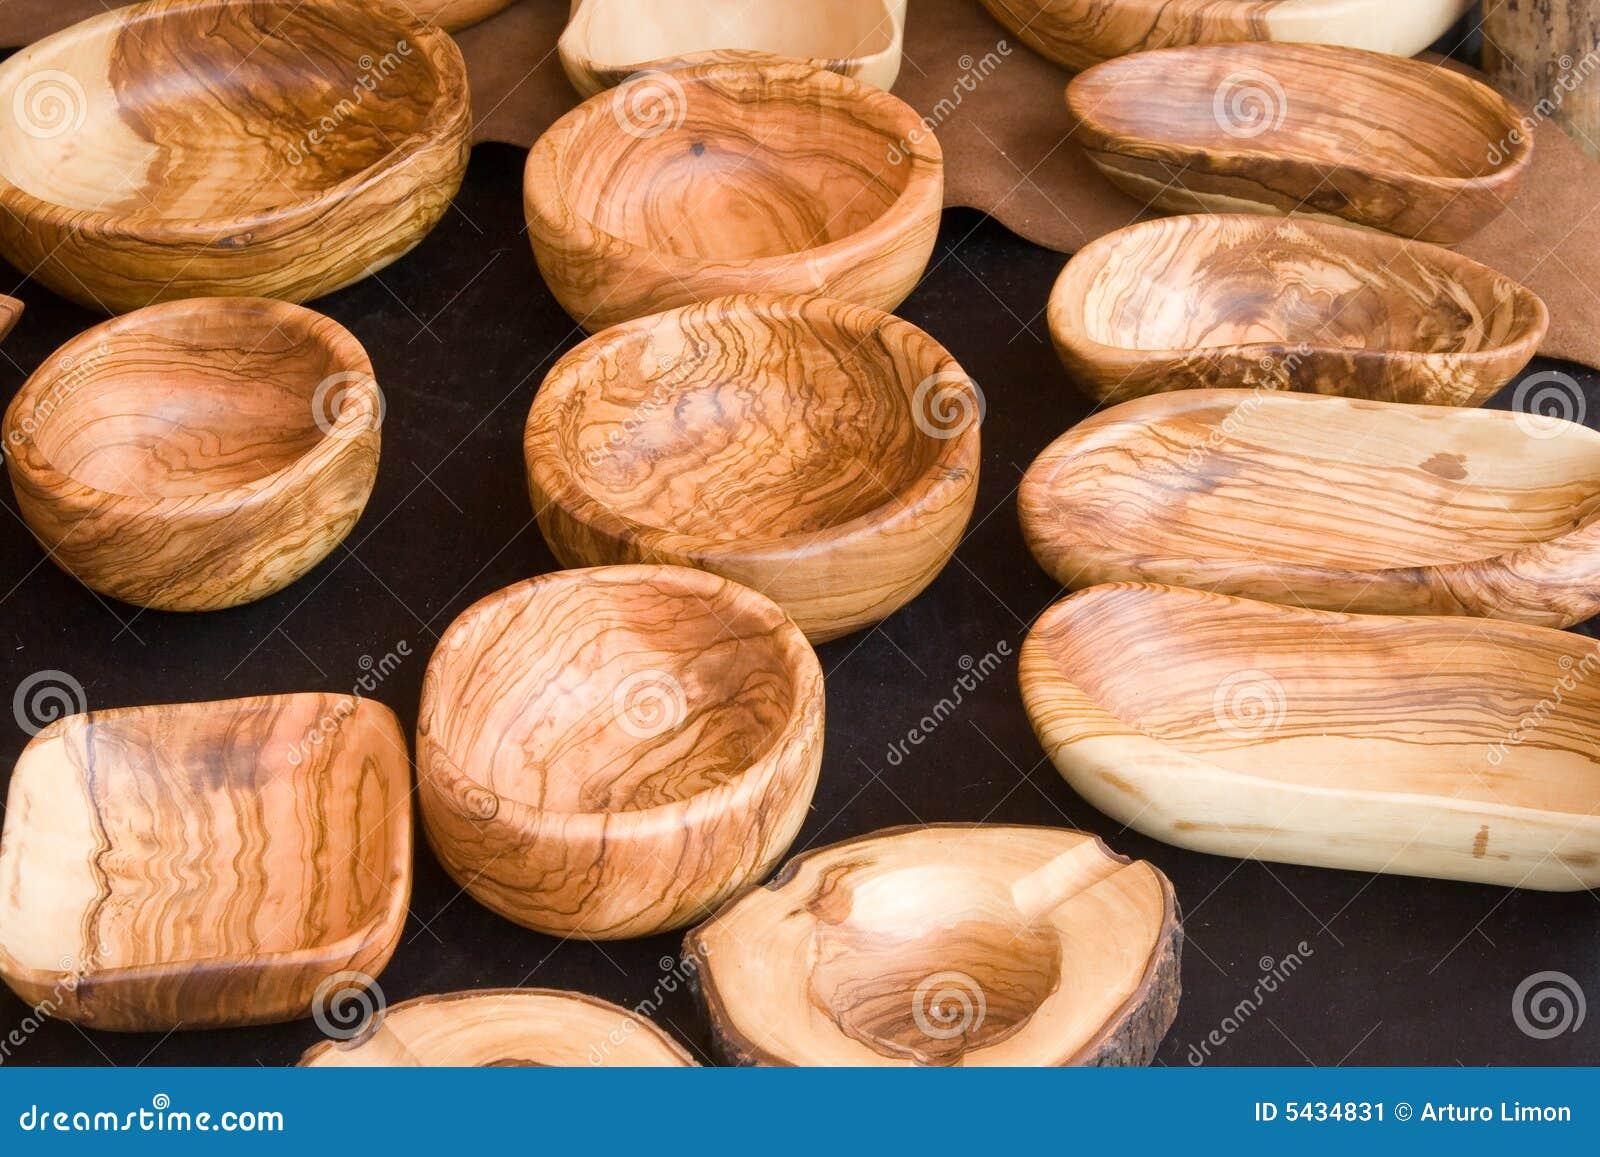 utensilios hechos a mano de madera imagen de archivo